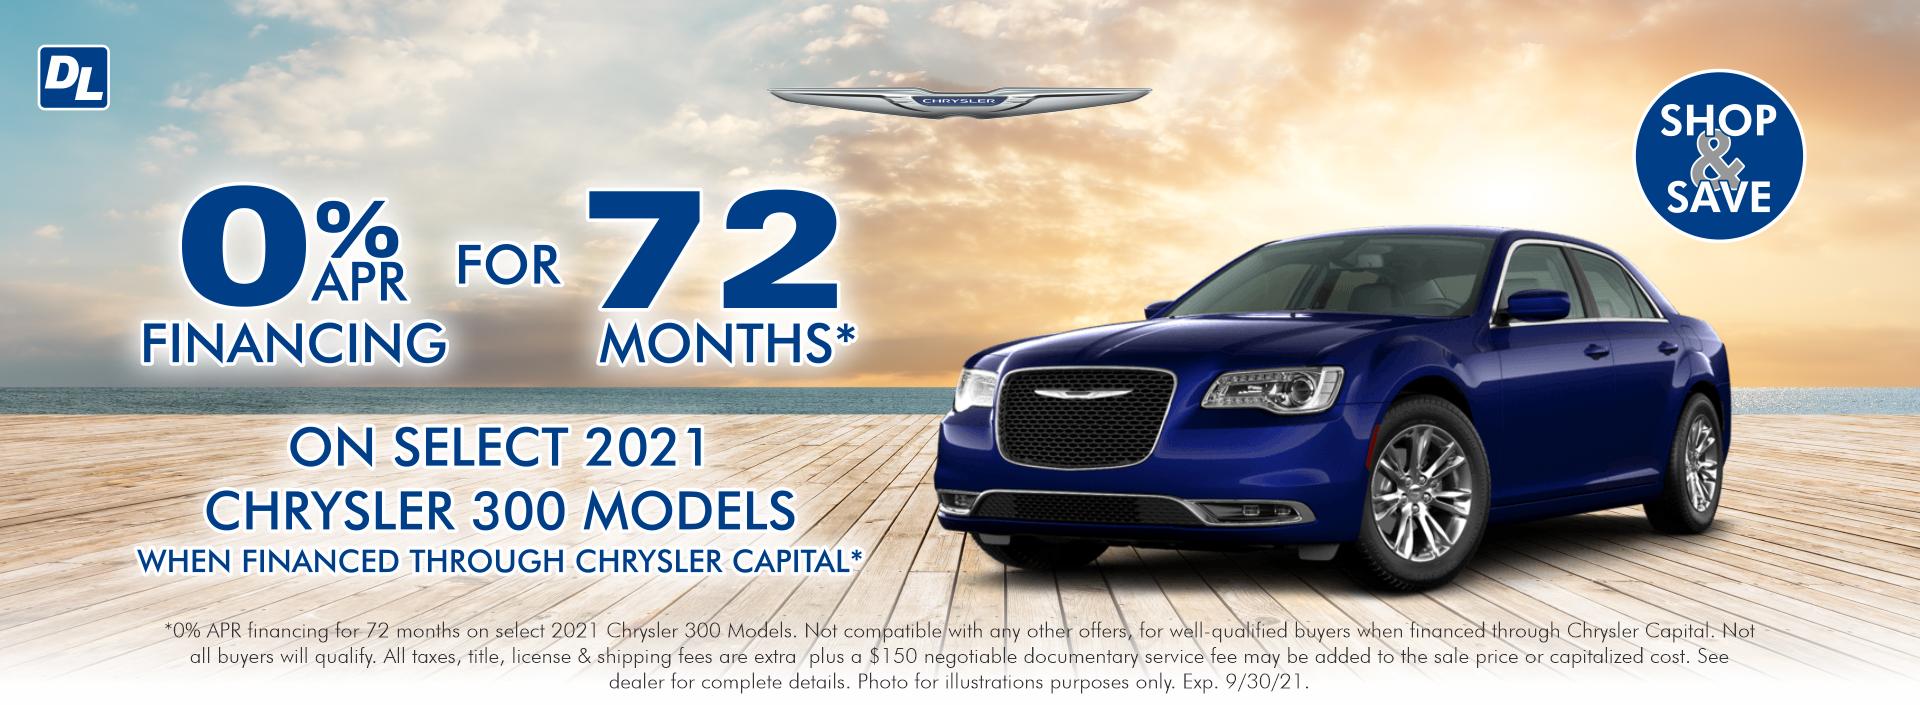 2021SeptBanners-CDJR-Chrysler